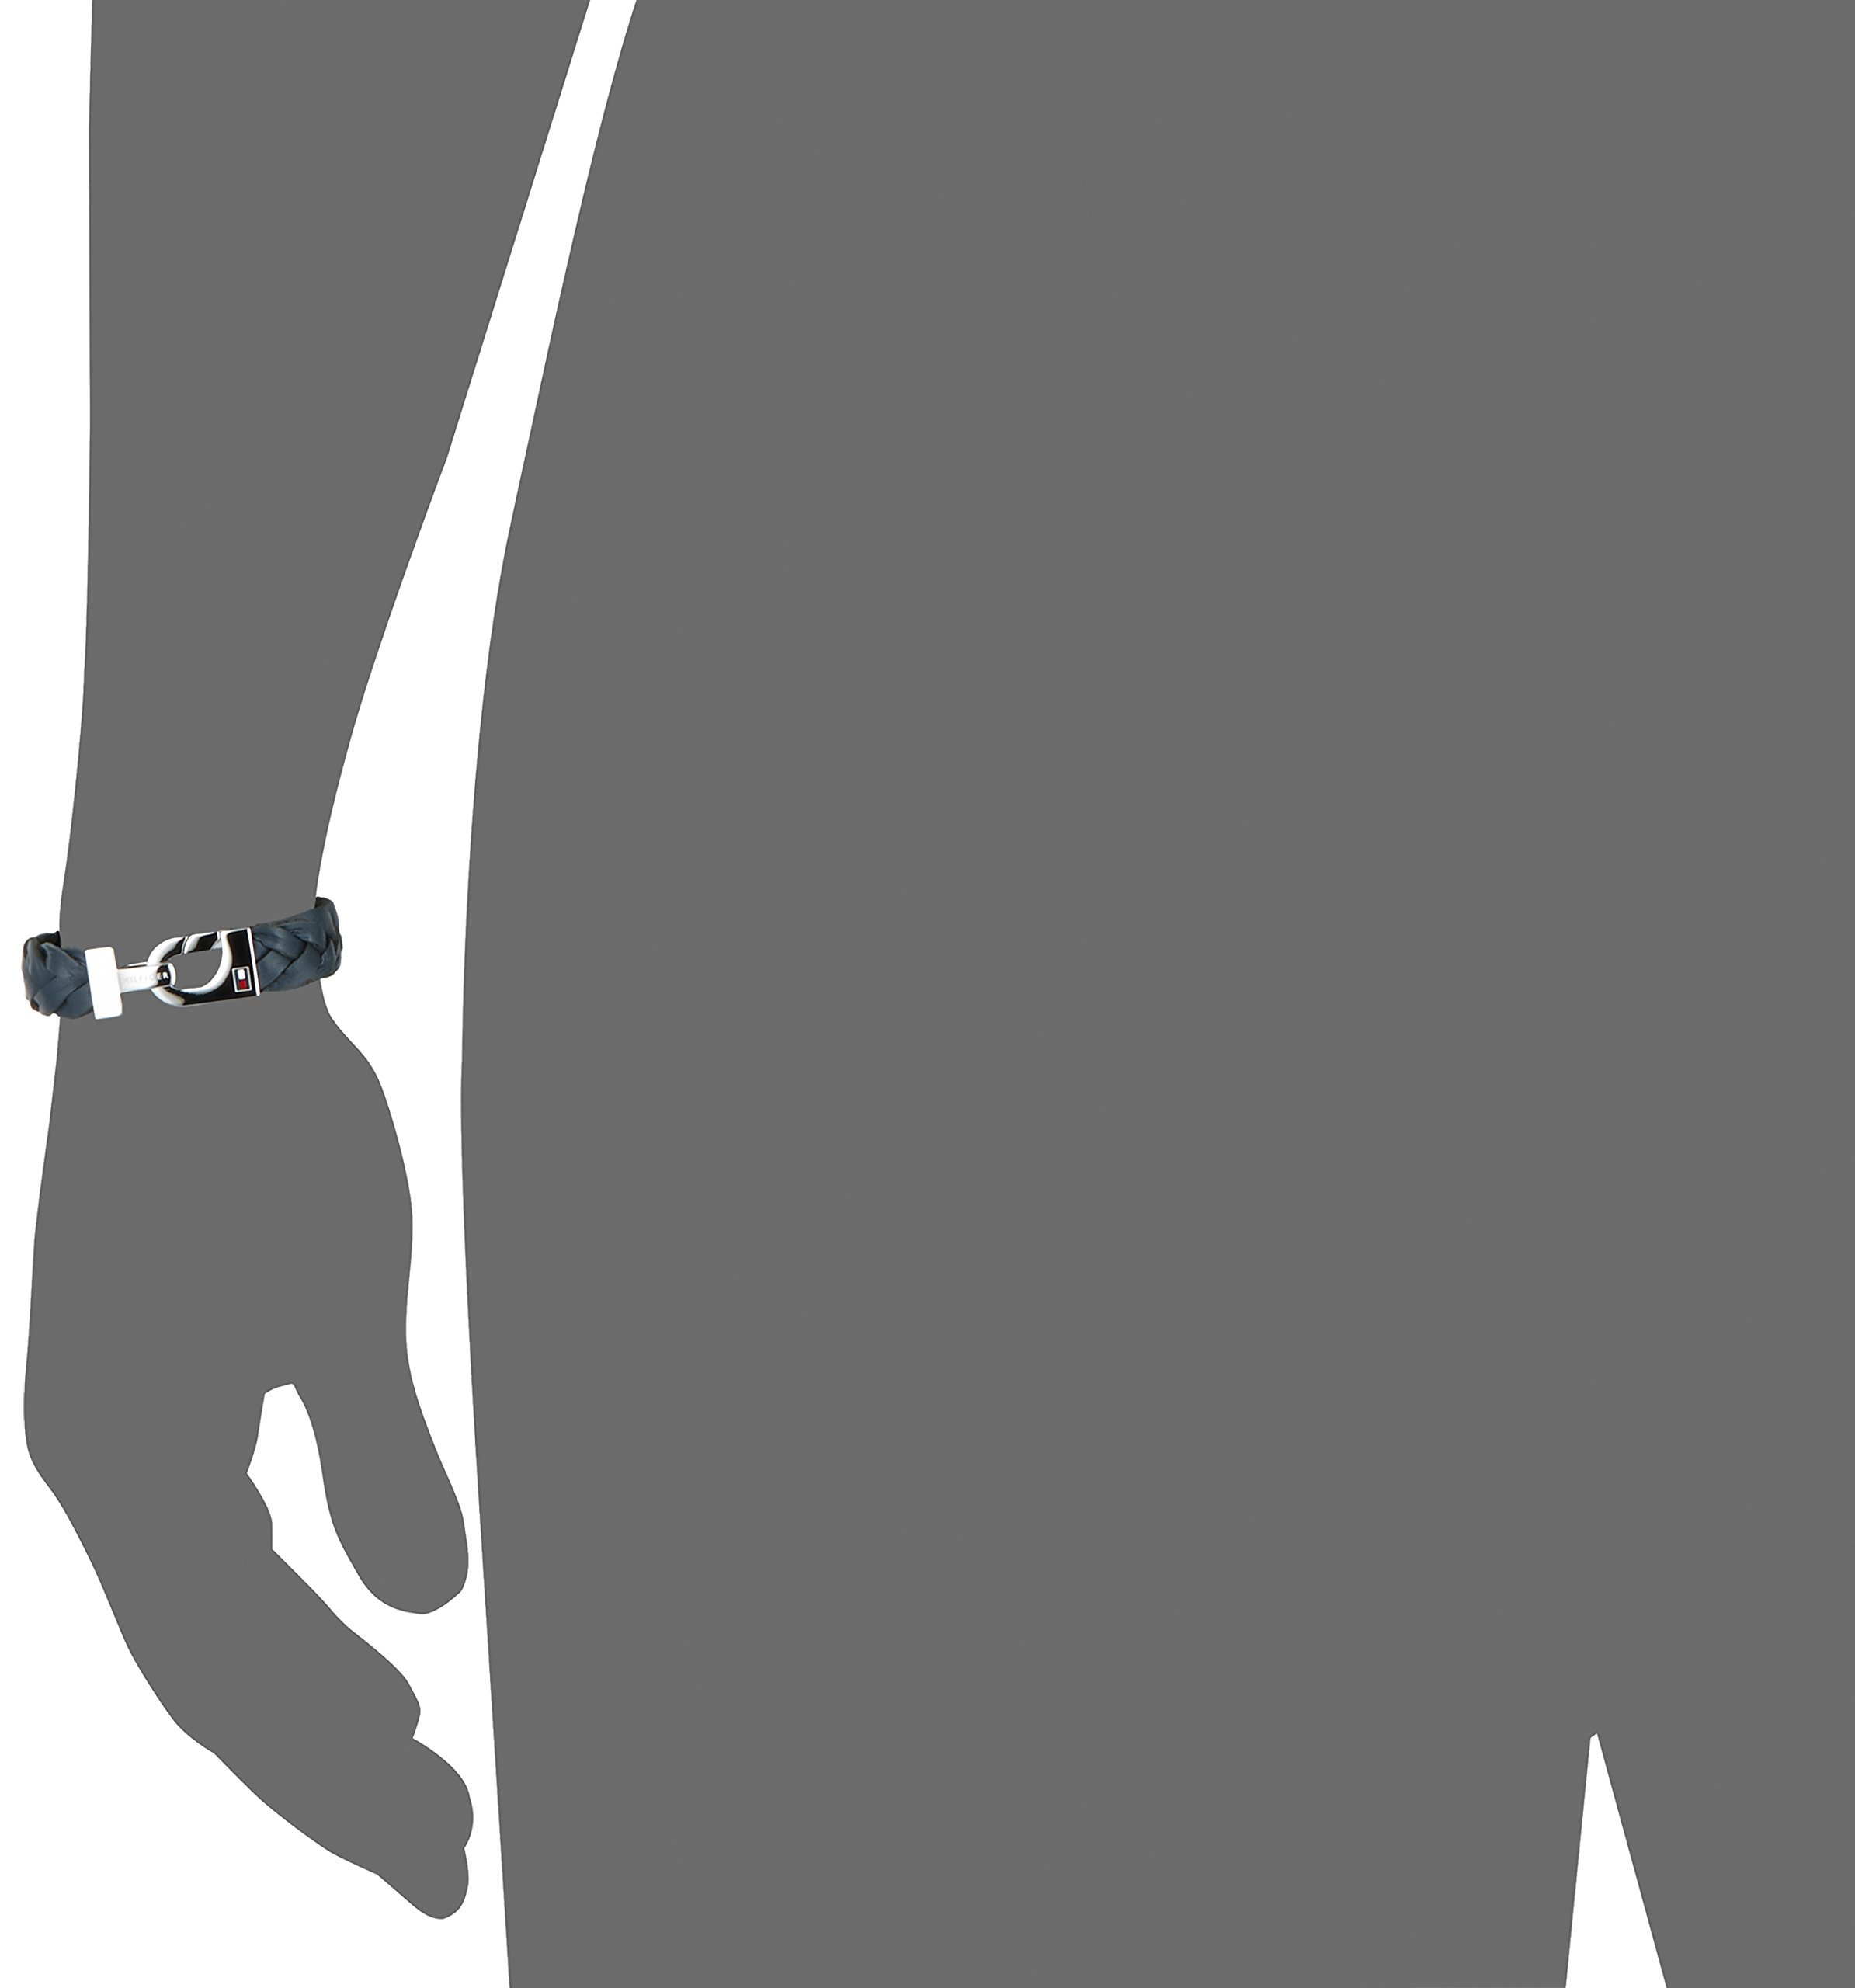 Tommy Hilfiger – Pulsera de Acero Inoxidable para Hombre, Cuero, Azul, 20.5 cm